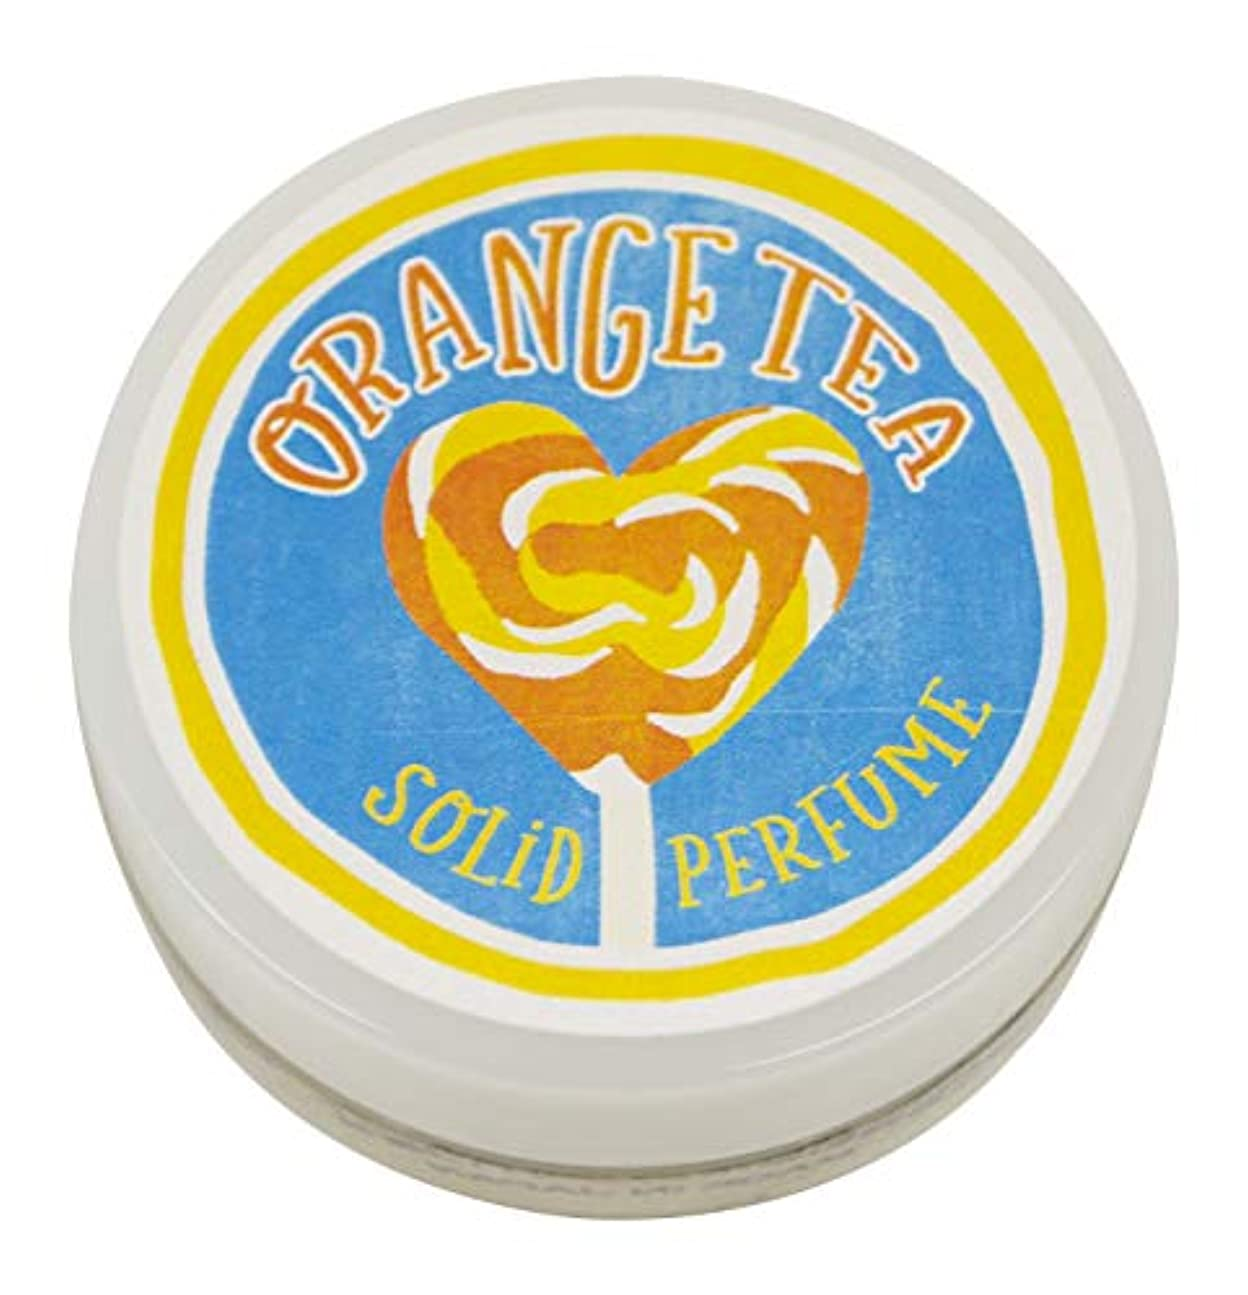 より荒野玉ねぎコトラボ 練り香水 8g オレンジティー